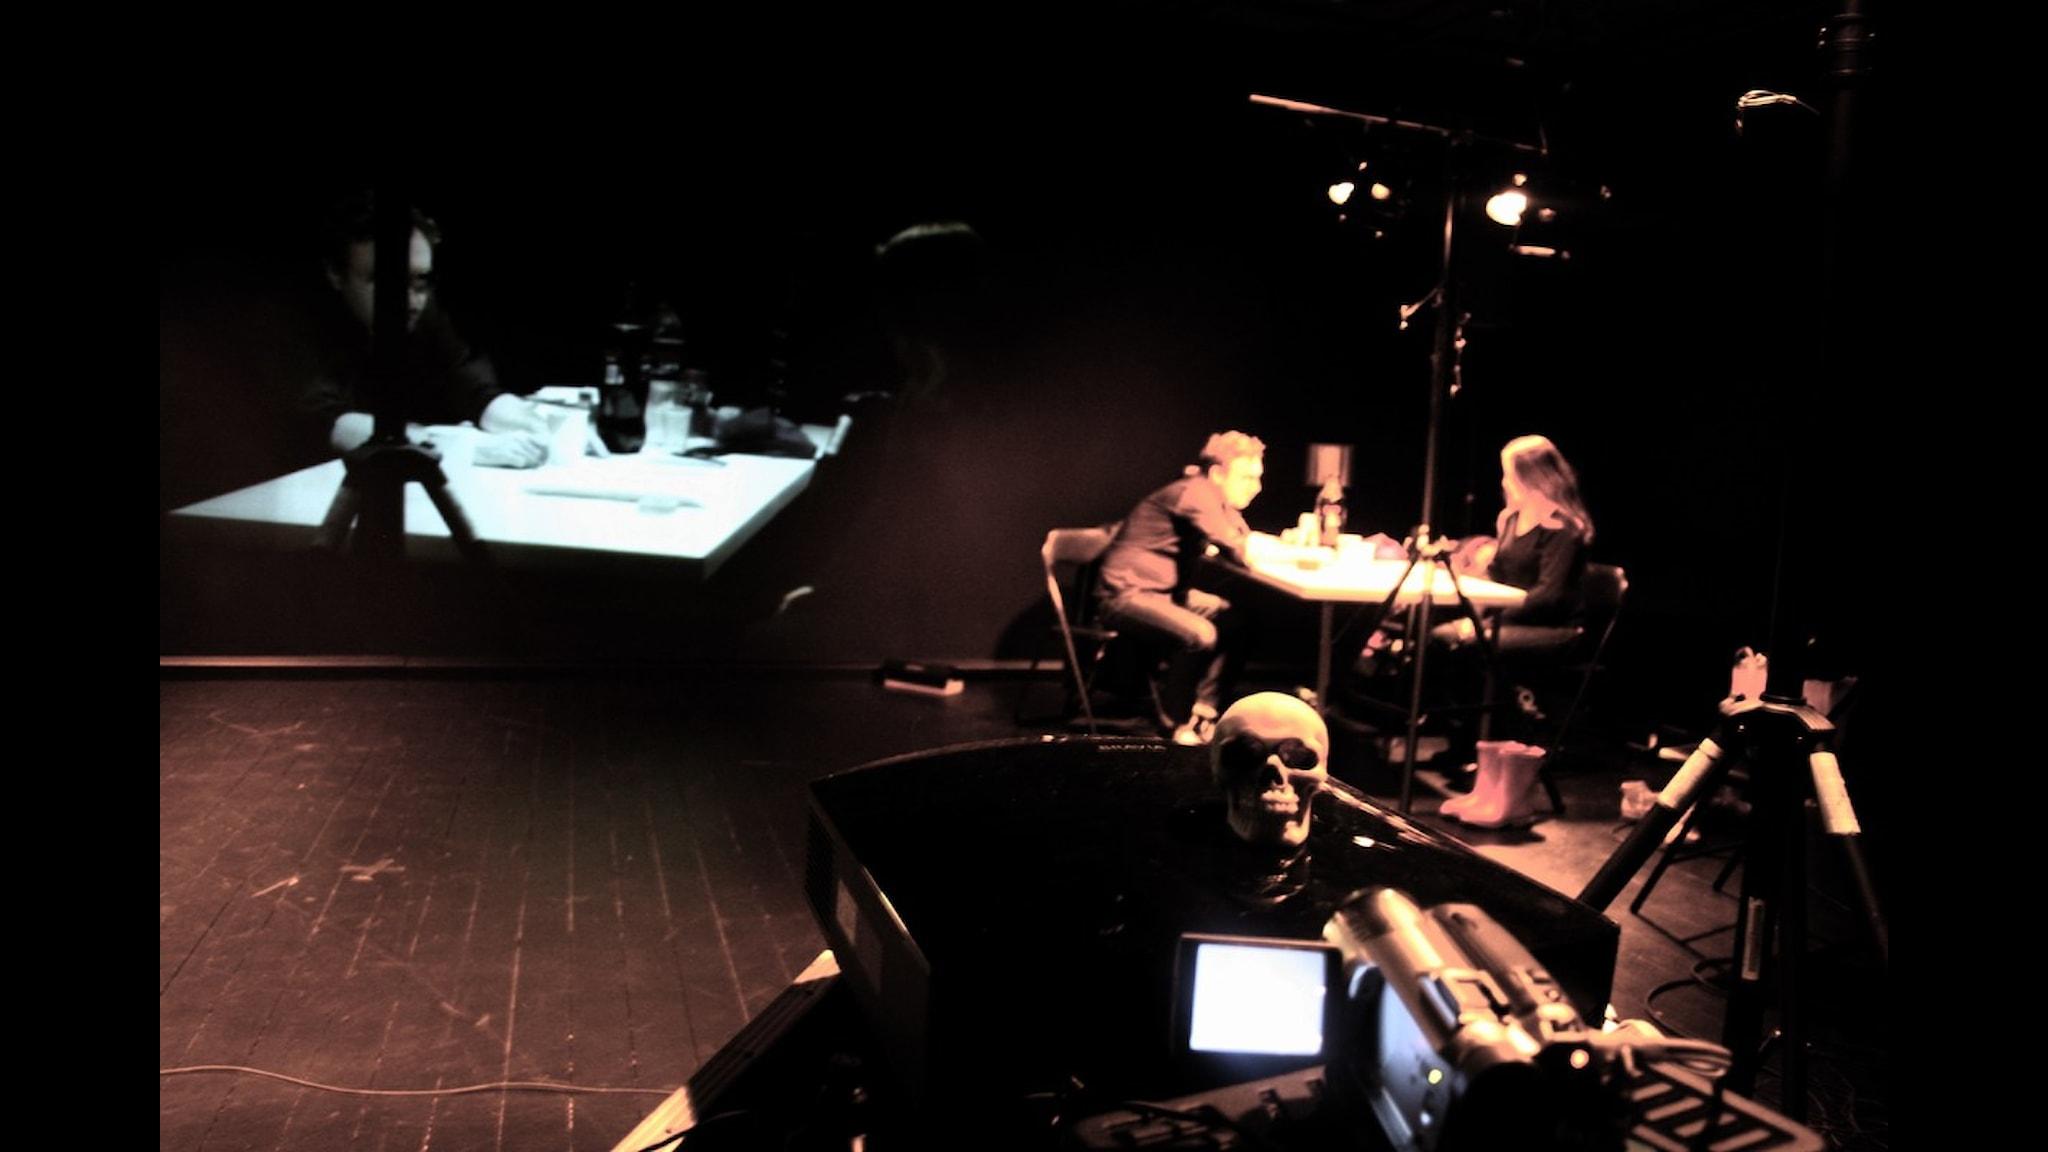 Teatr Weimars Hamlet 11: Exist Ghost: blev en internationell framgång. Men handlar det om teater eller samtida scenkonst? Foto: Jörgen Dahlqvist